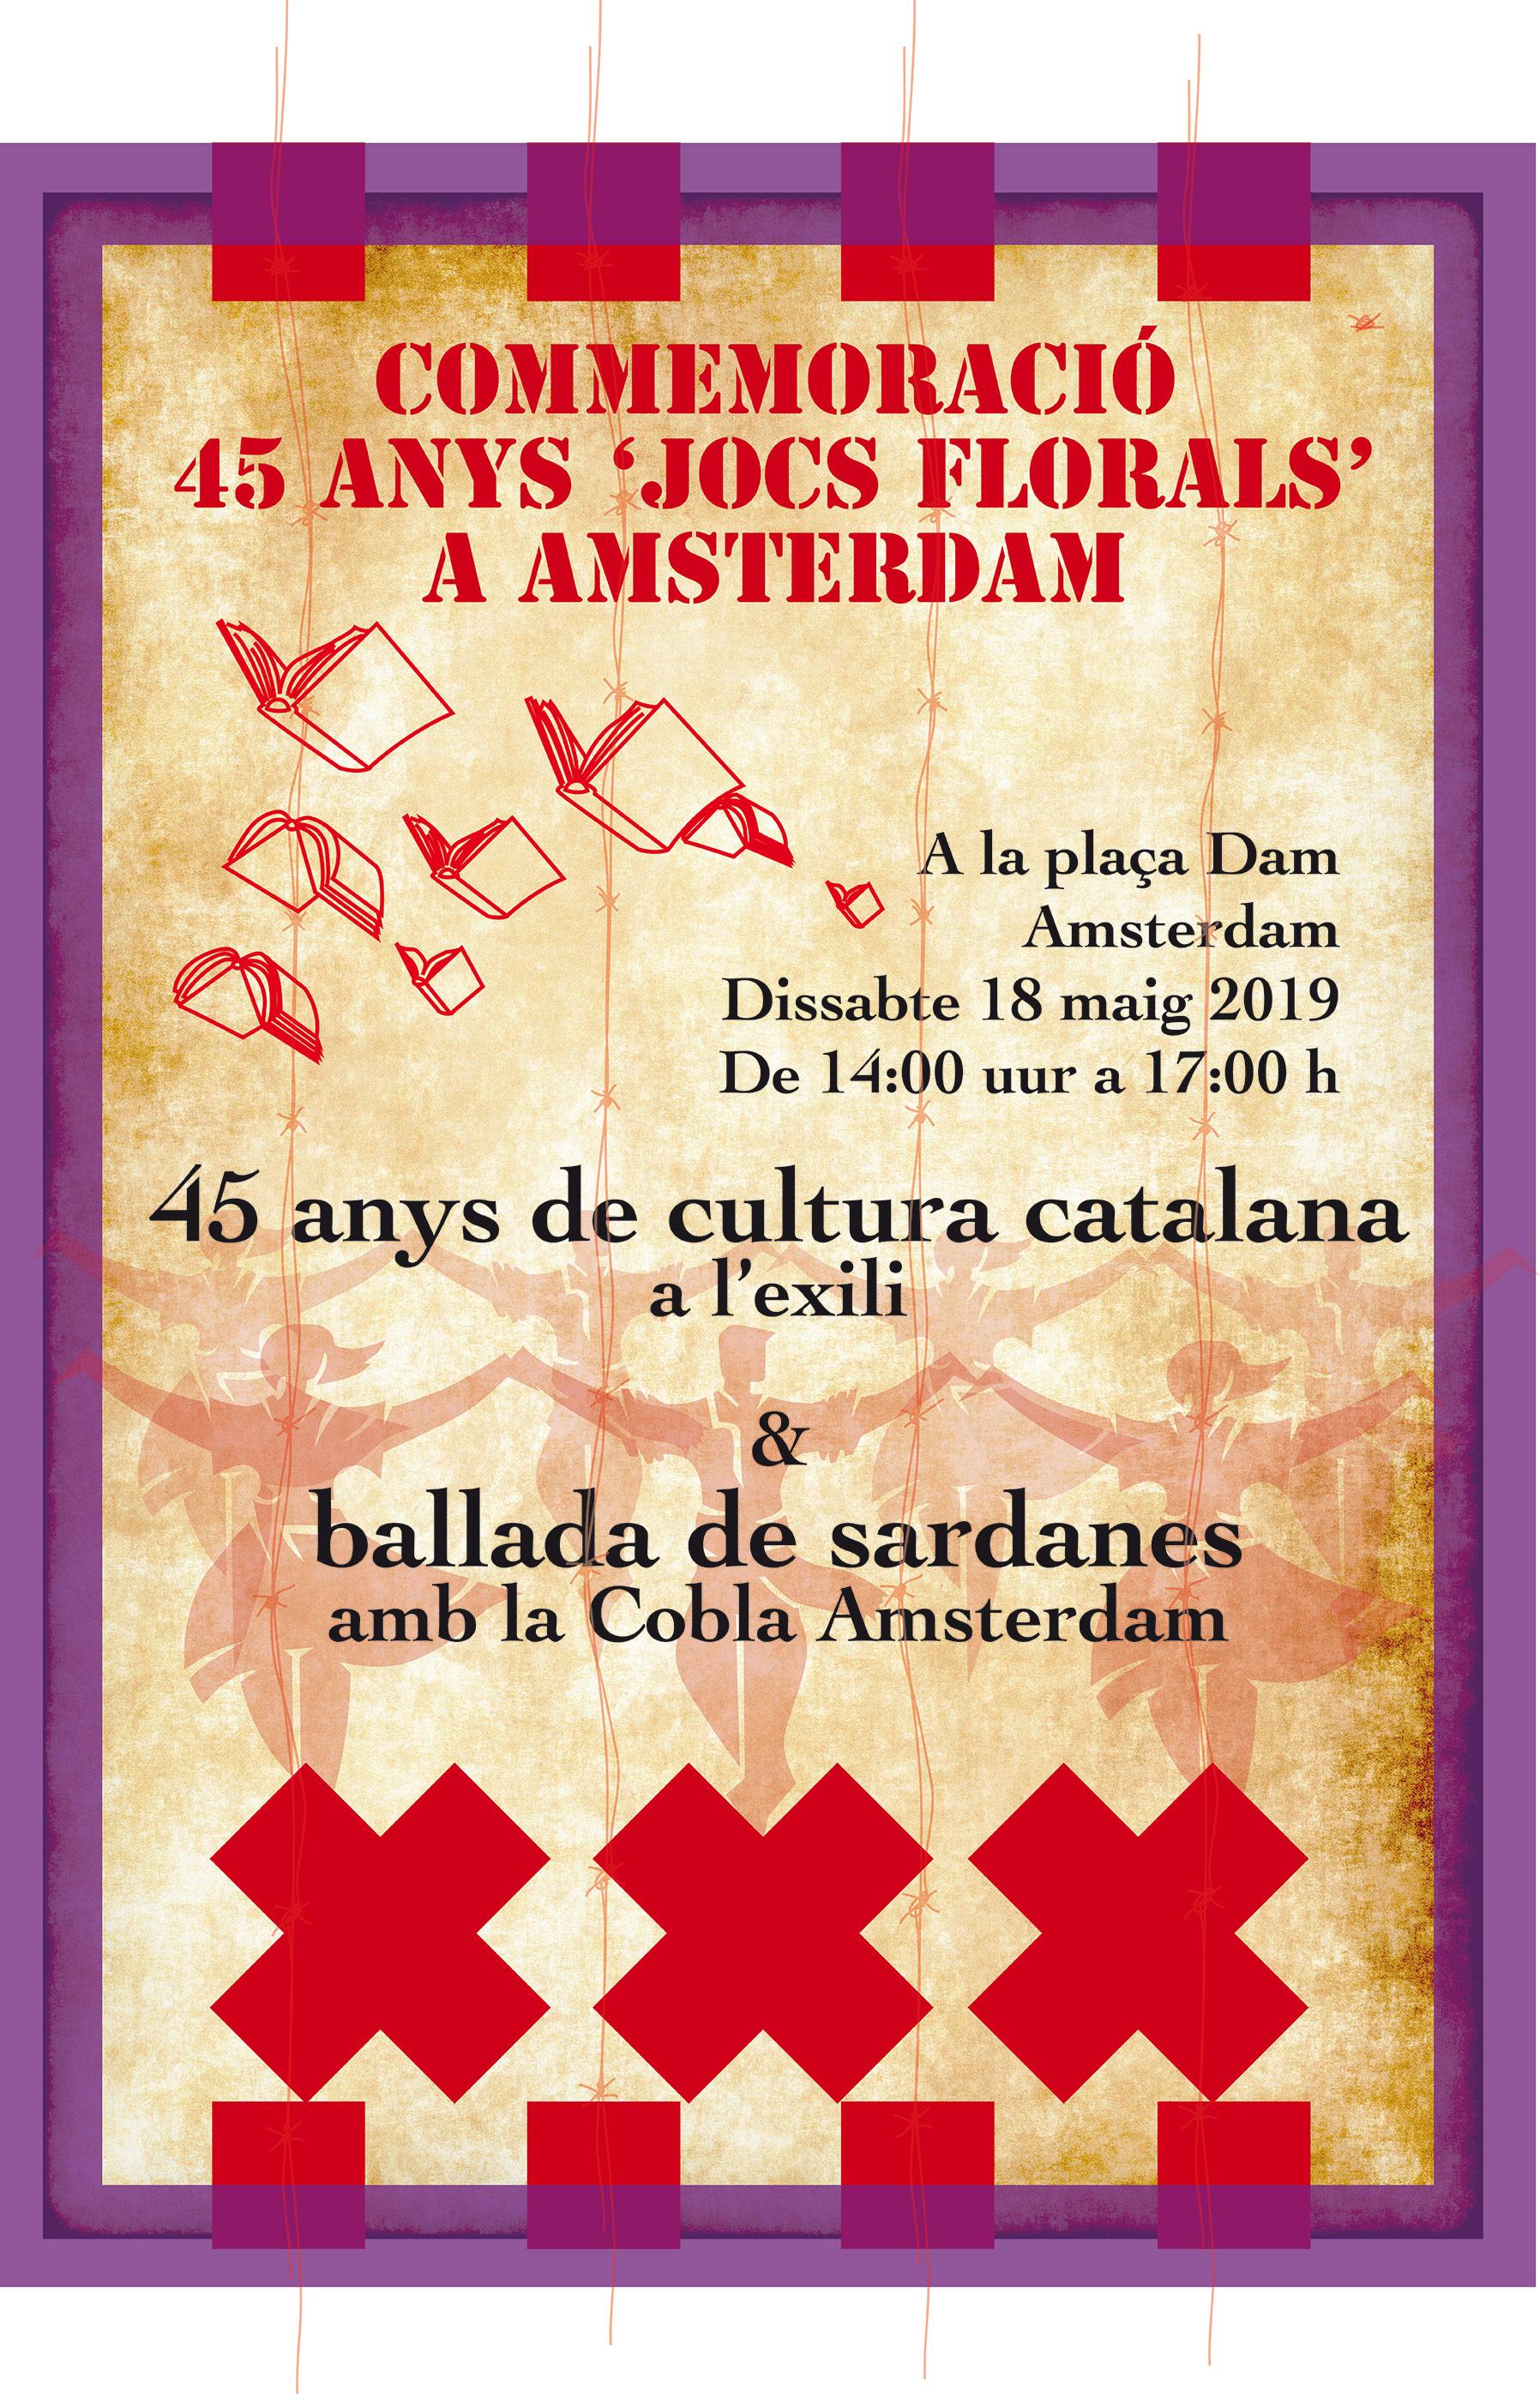 Commemoració dels 45 anys de jocs florals a Amsterdam